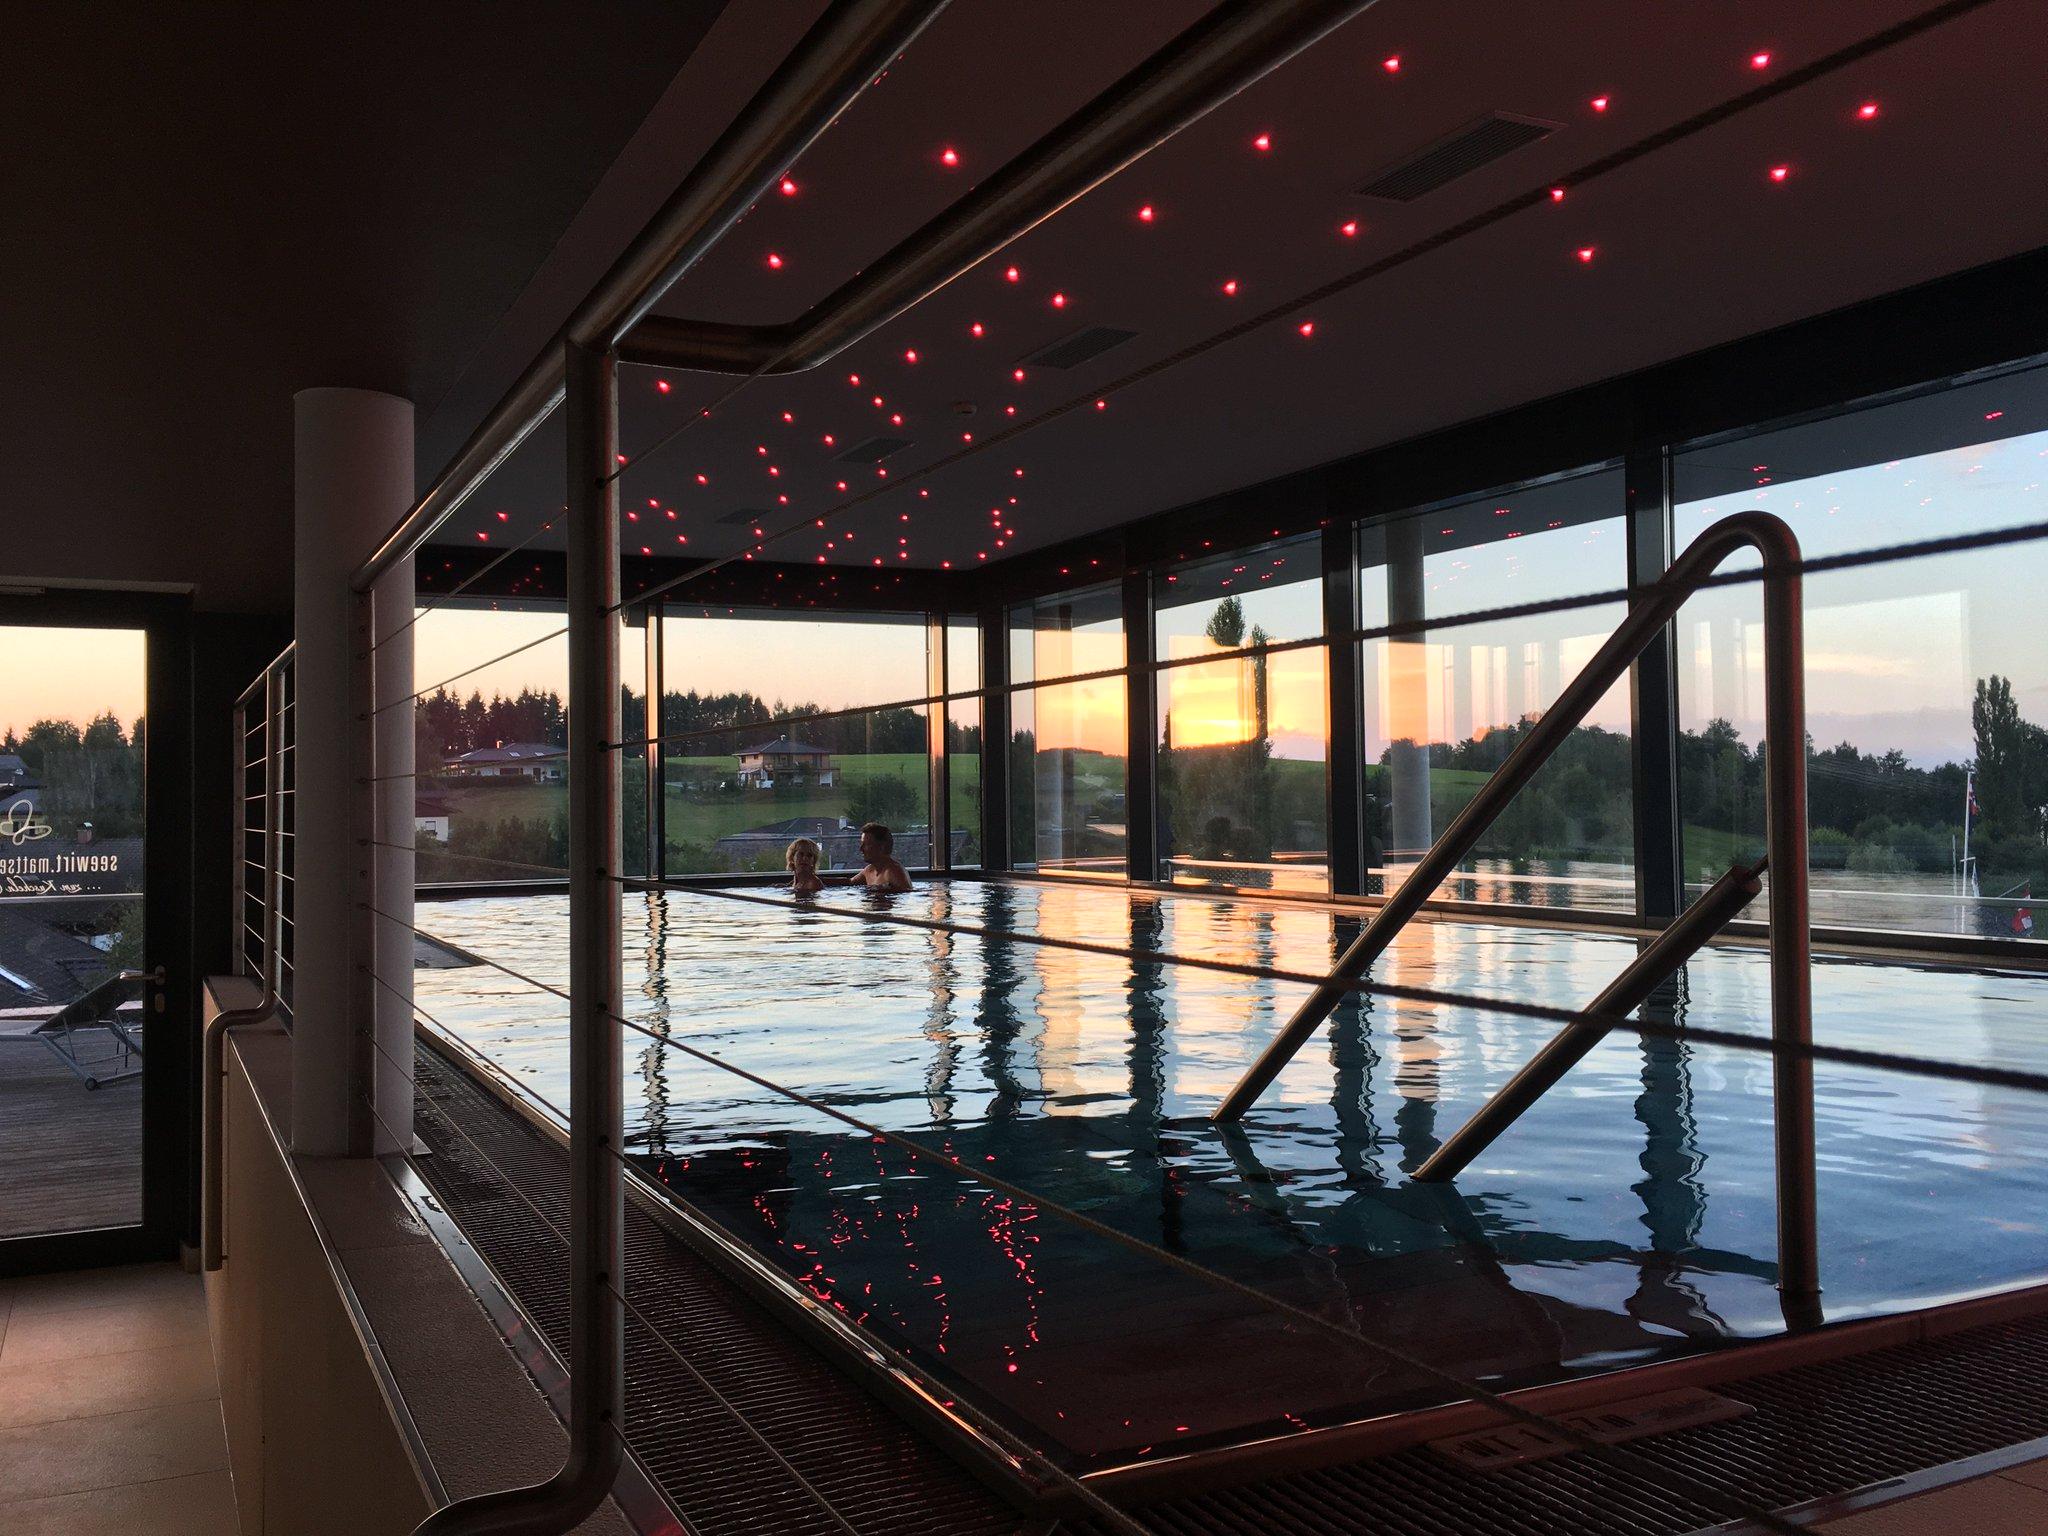 Letzte Aufgabe für heute: im Pool zum Sonnenuntergang #meurers #seewirt #Mattsee https://t.co/xDFQELr8O9